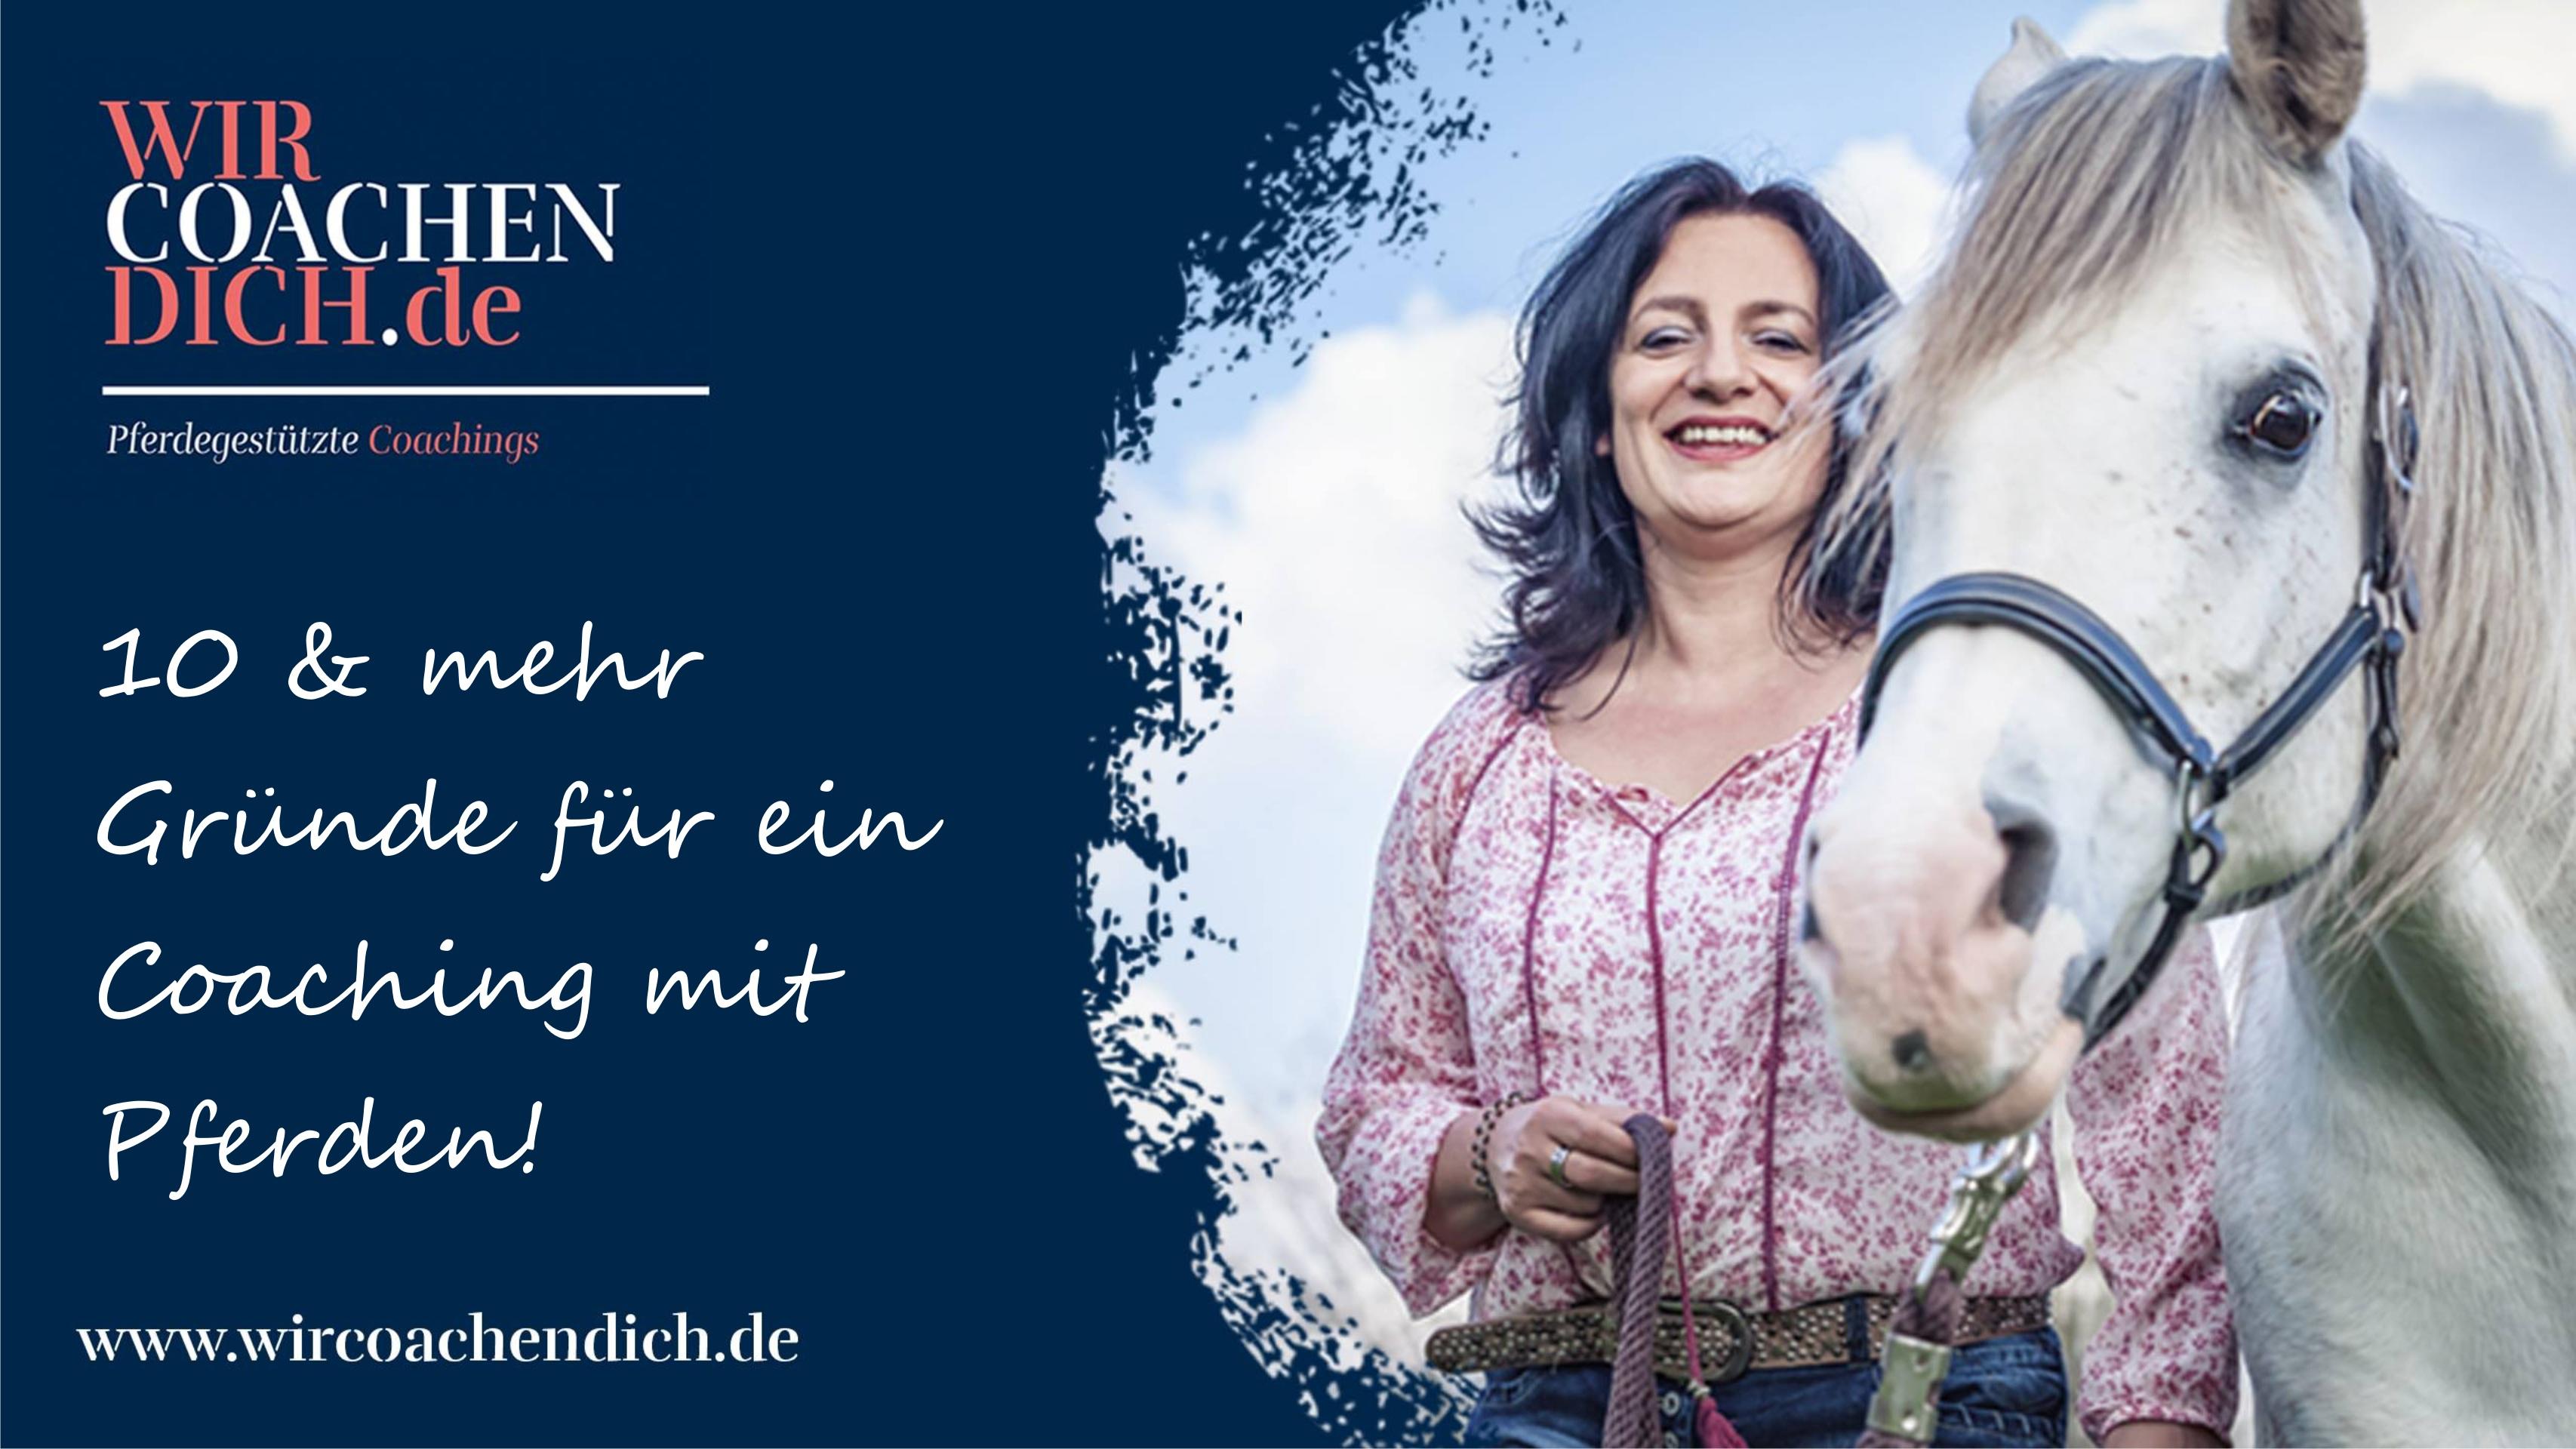 PferdegestütztesCoaching, Führung, Führungskräfte, Dresden, Deutschlandweit, Teamtraining, Kommunikation